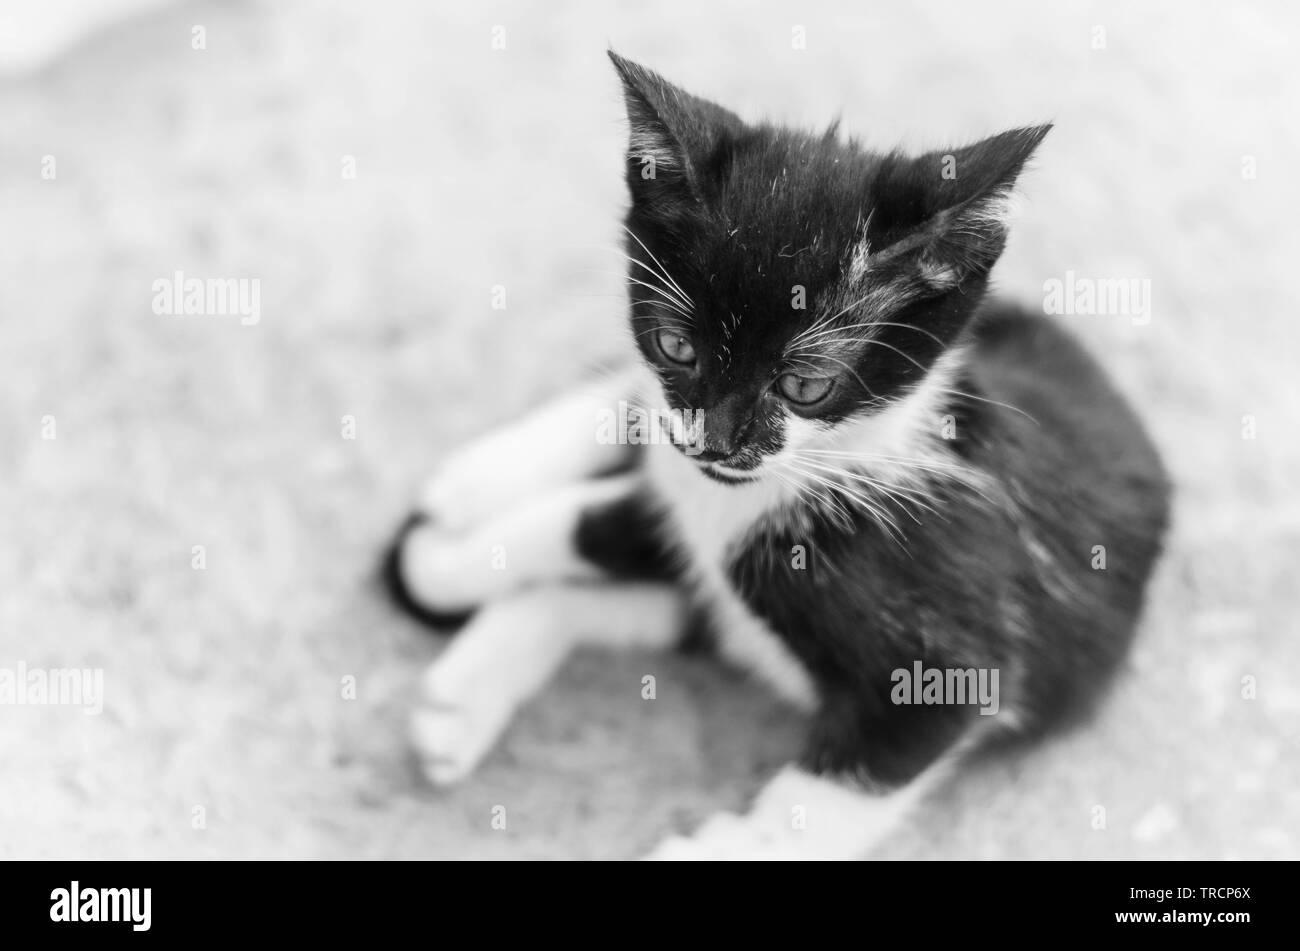 Liegende Jungkatze in Schwarz-Weiß - Stock Image